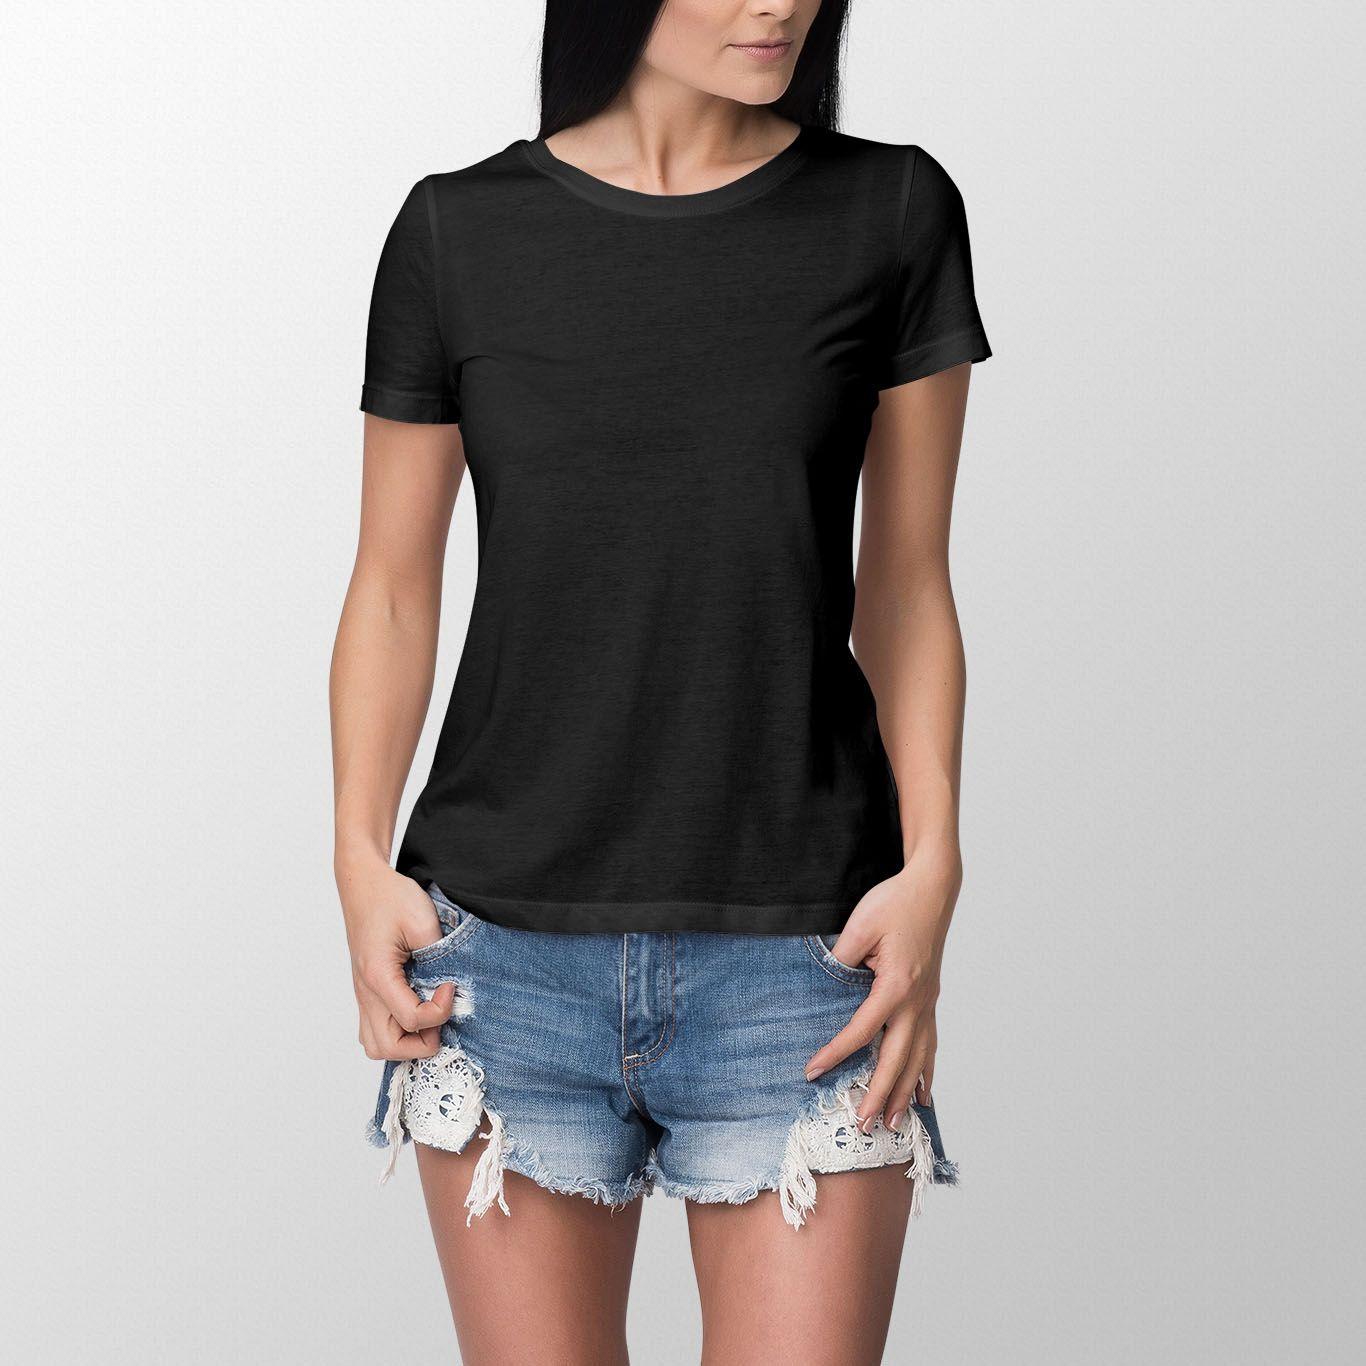 Plain Black T Shirt Women Back View Colorcapital